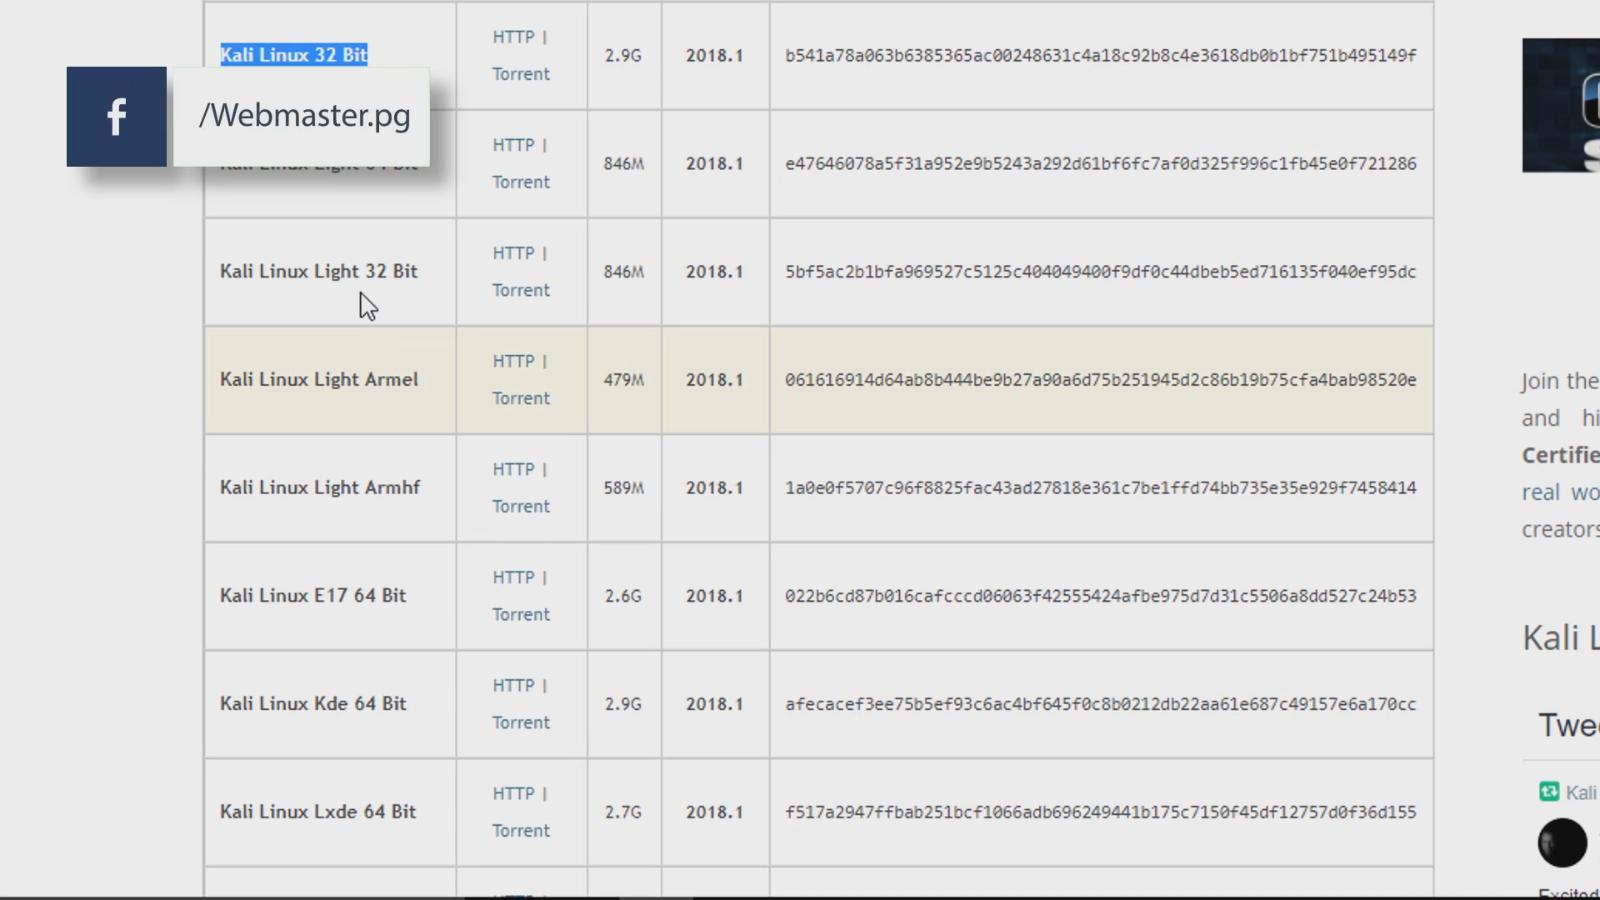 kali linux 2 download torrent